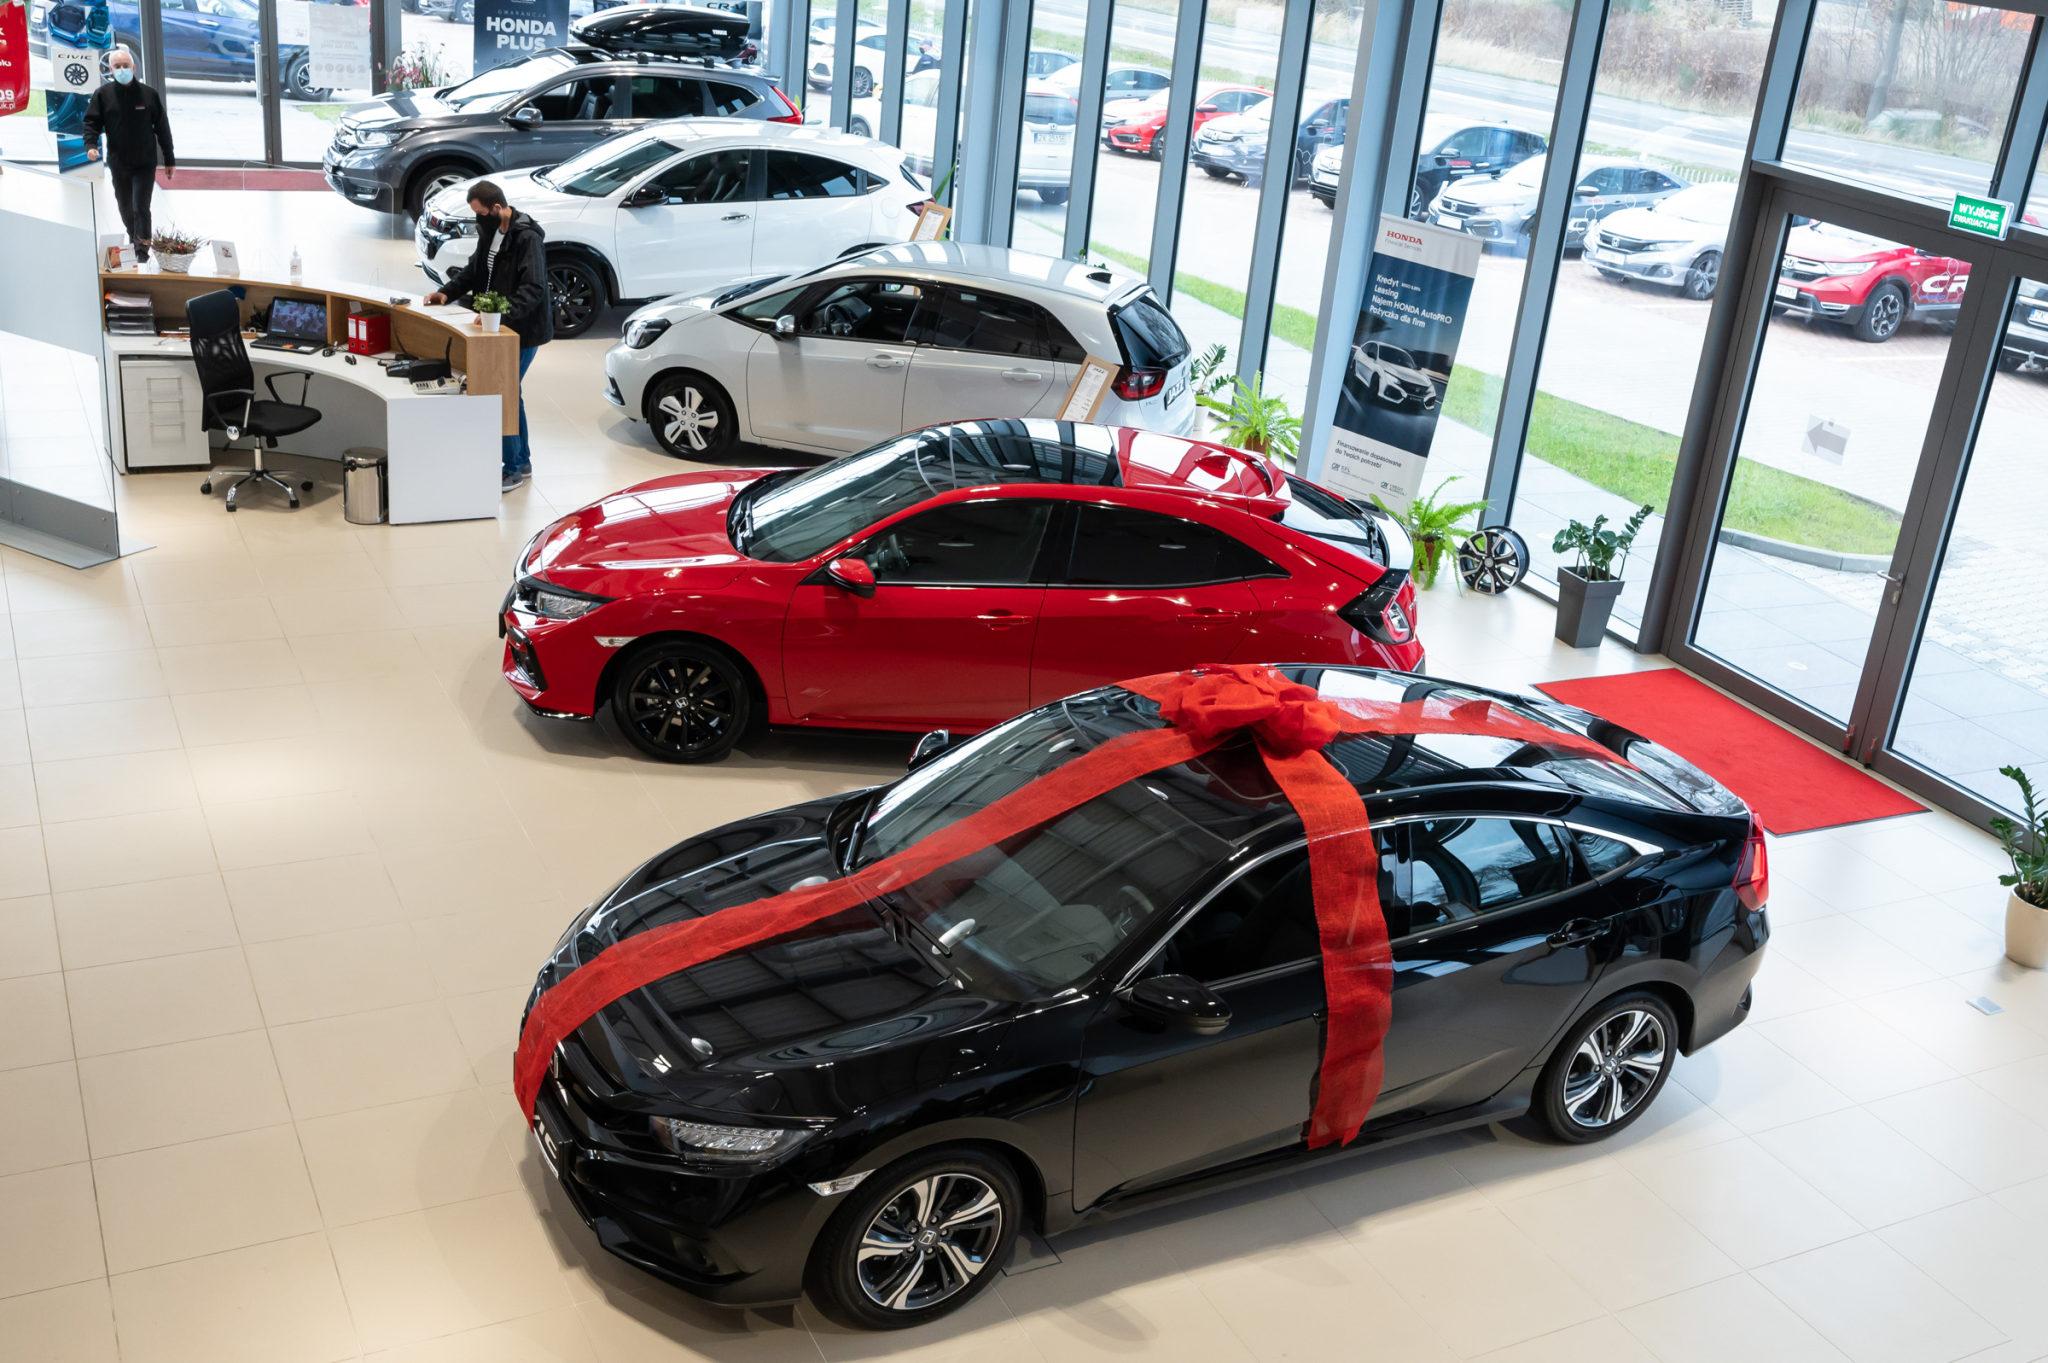 Honda salon 2